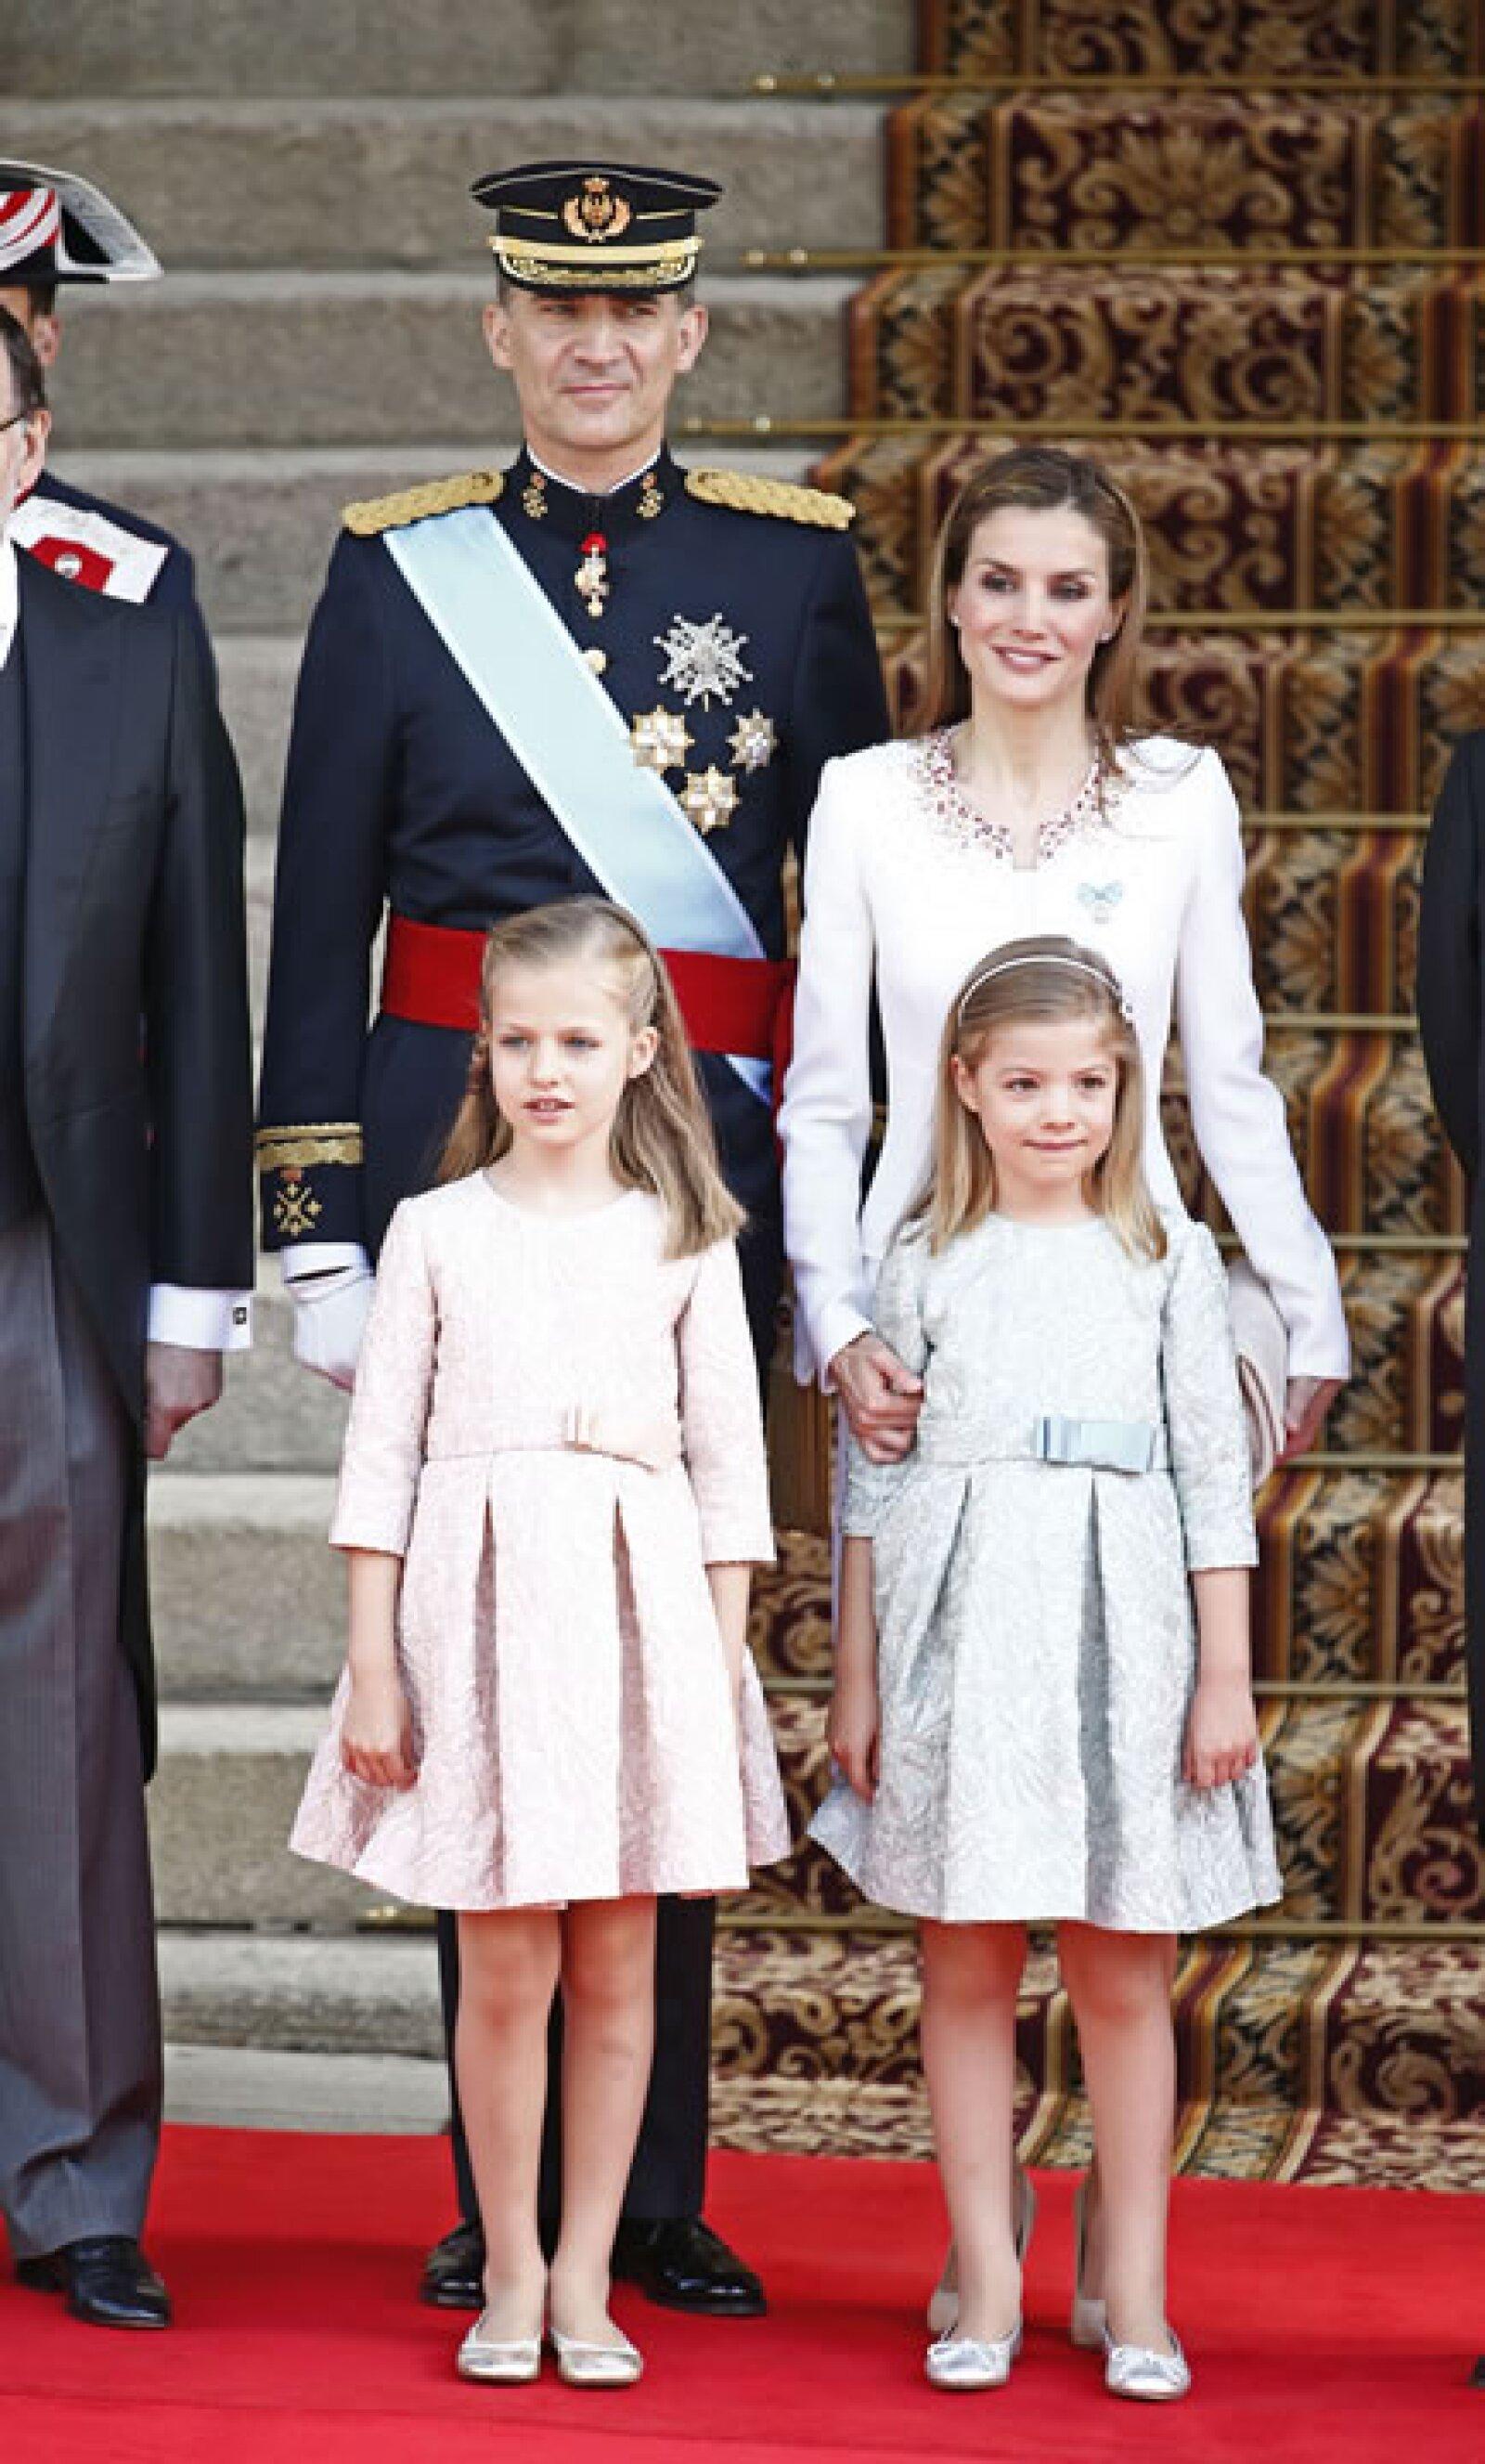 La familia real se compone ahora de estos cuatro personajes.